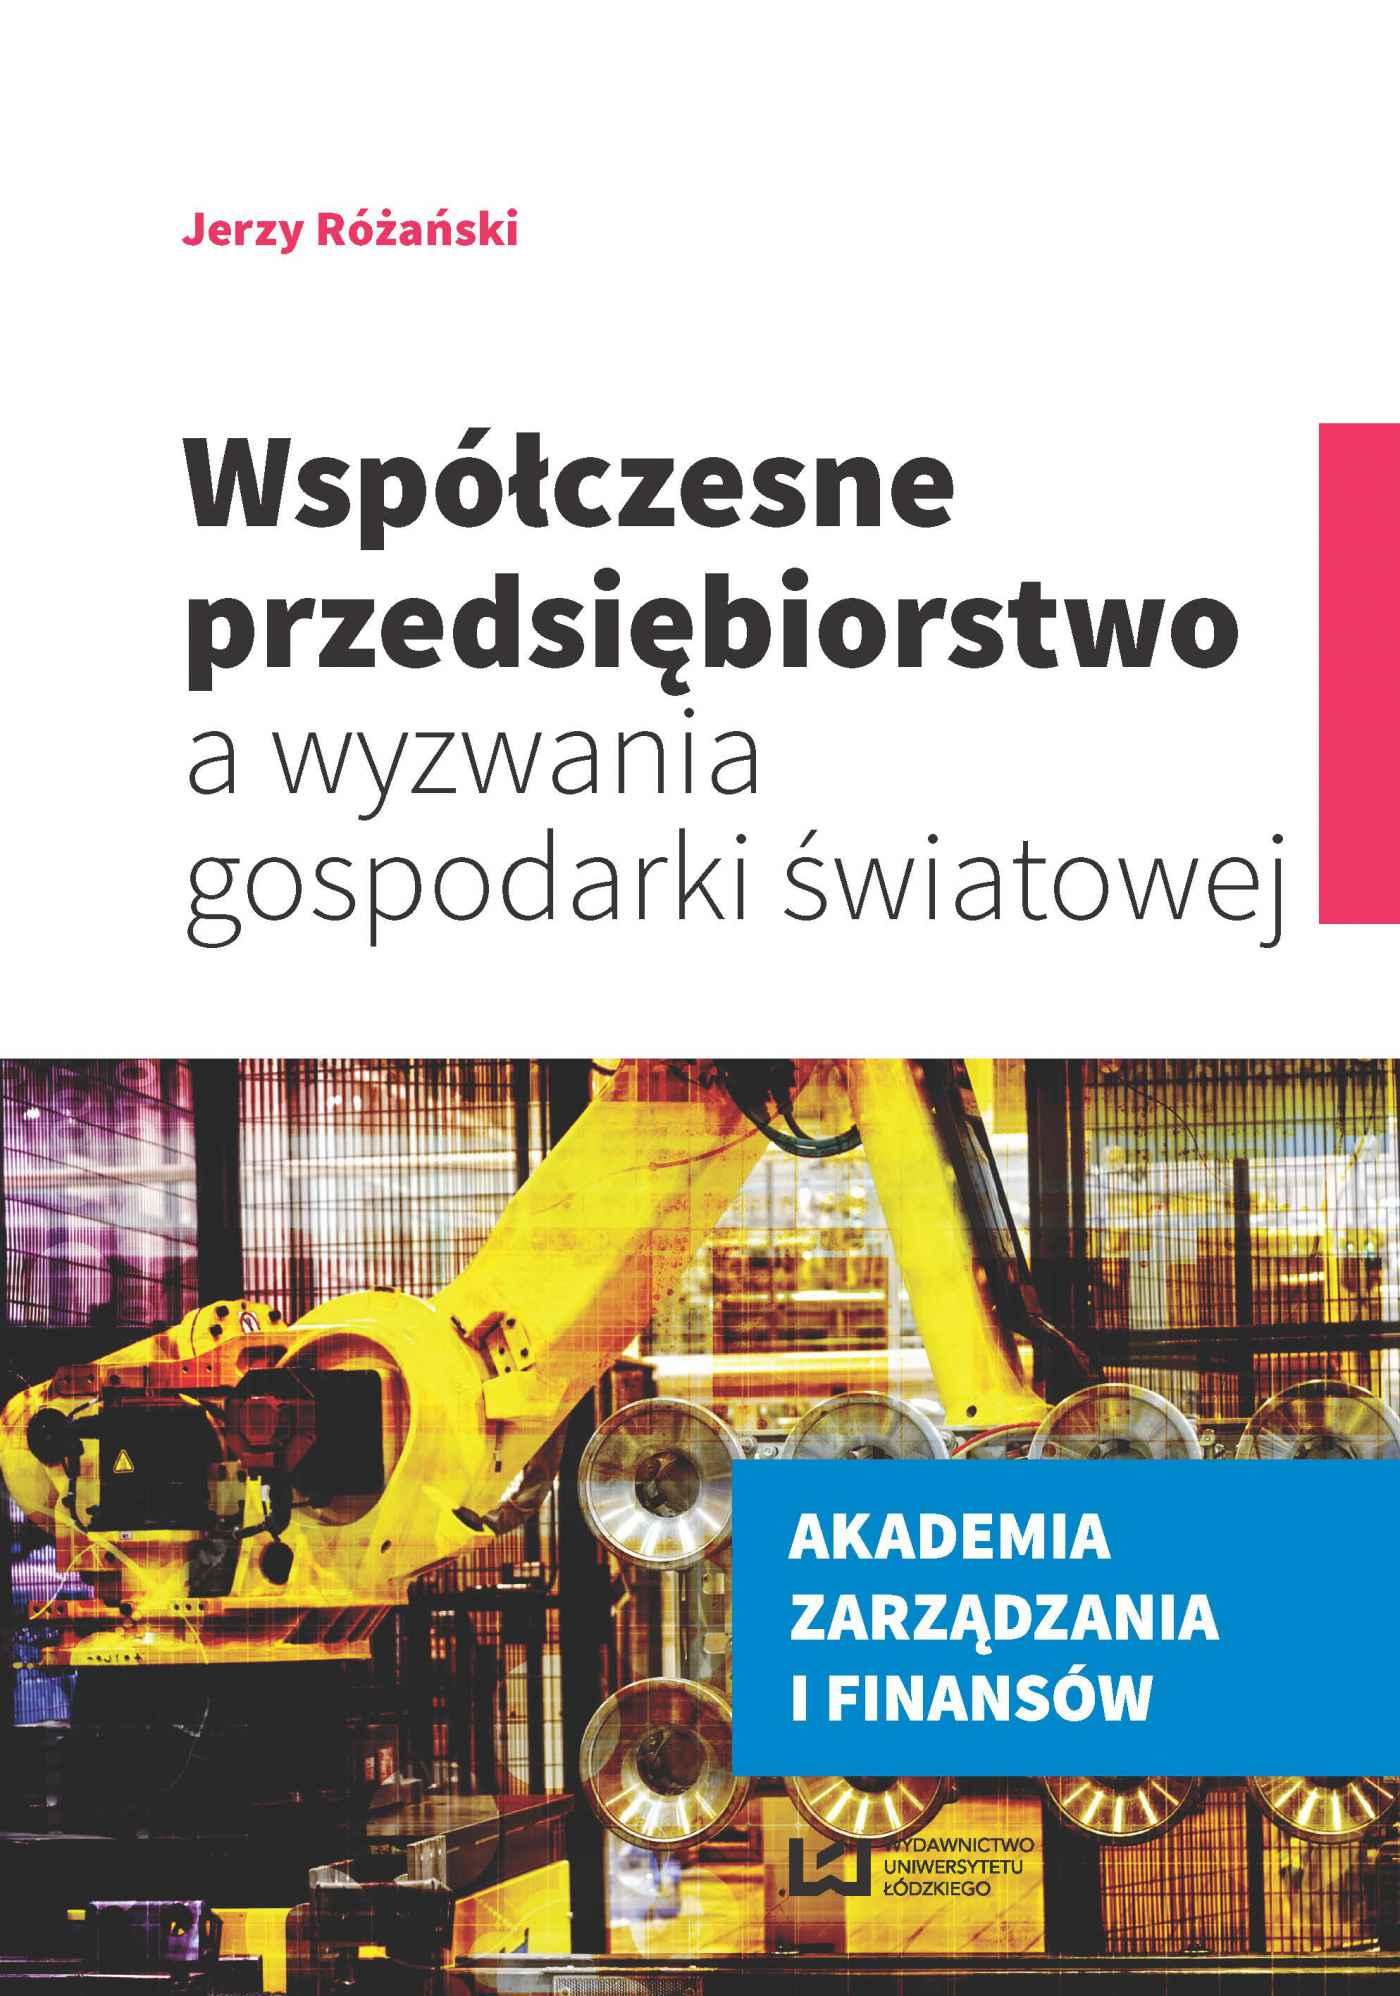 Współczesne przedsiębiorstwo a wyzwania gospodarki światowej - Ebook (Książka PDF) do pobrania w formacie PDF